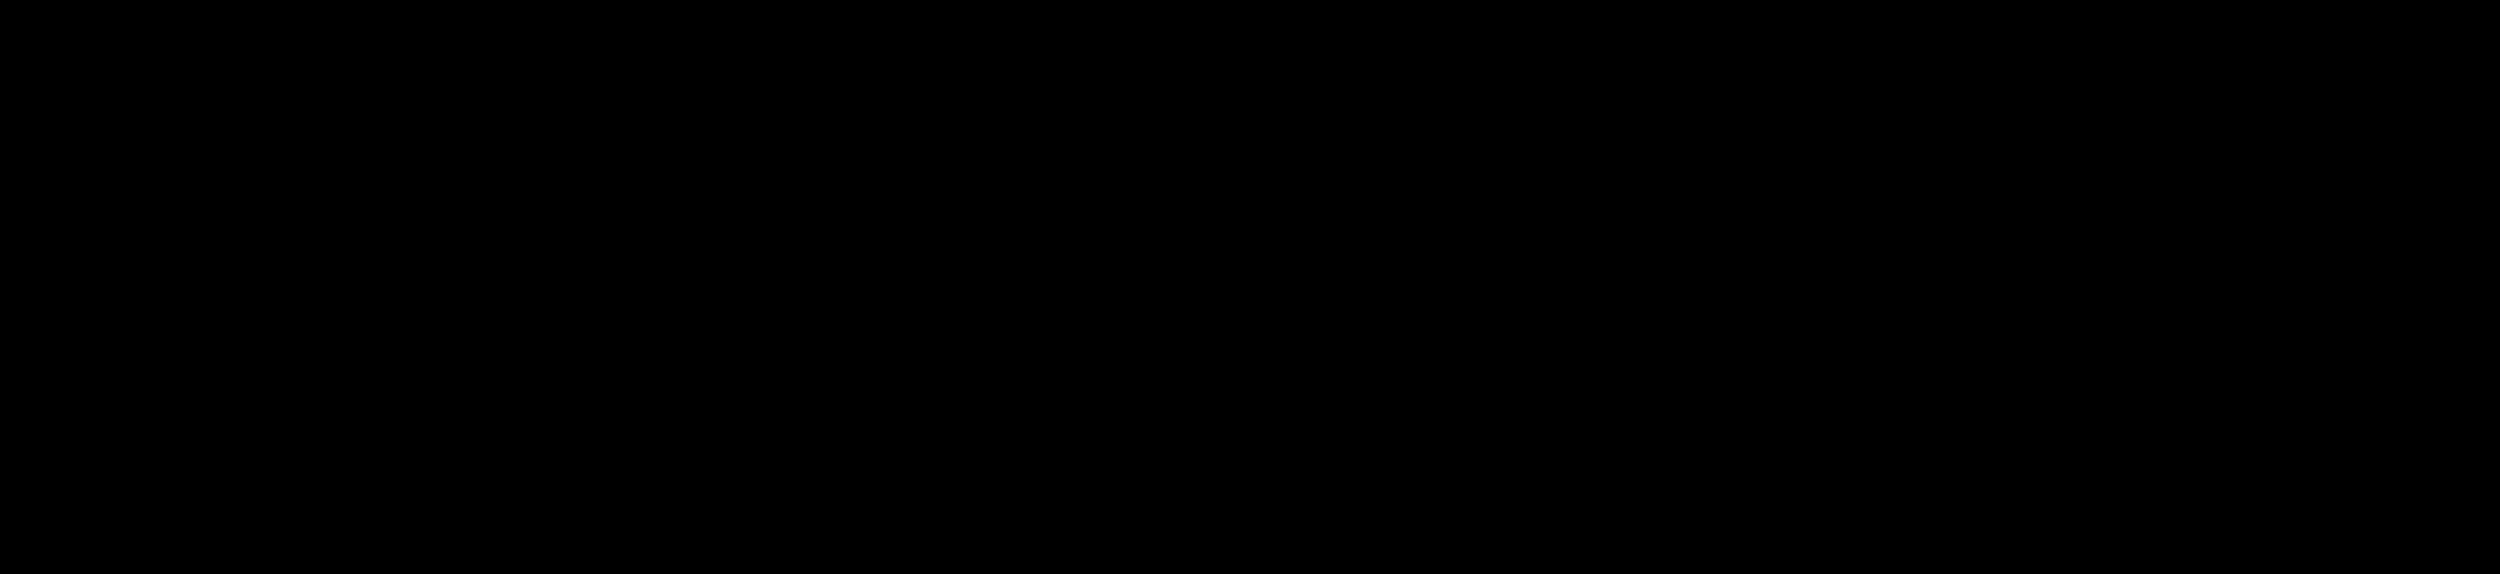 marset_logo_black.png